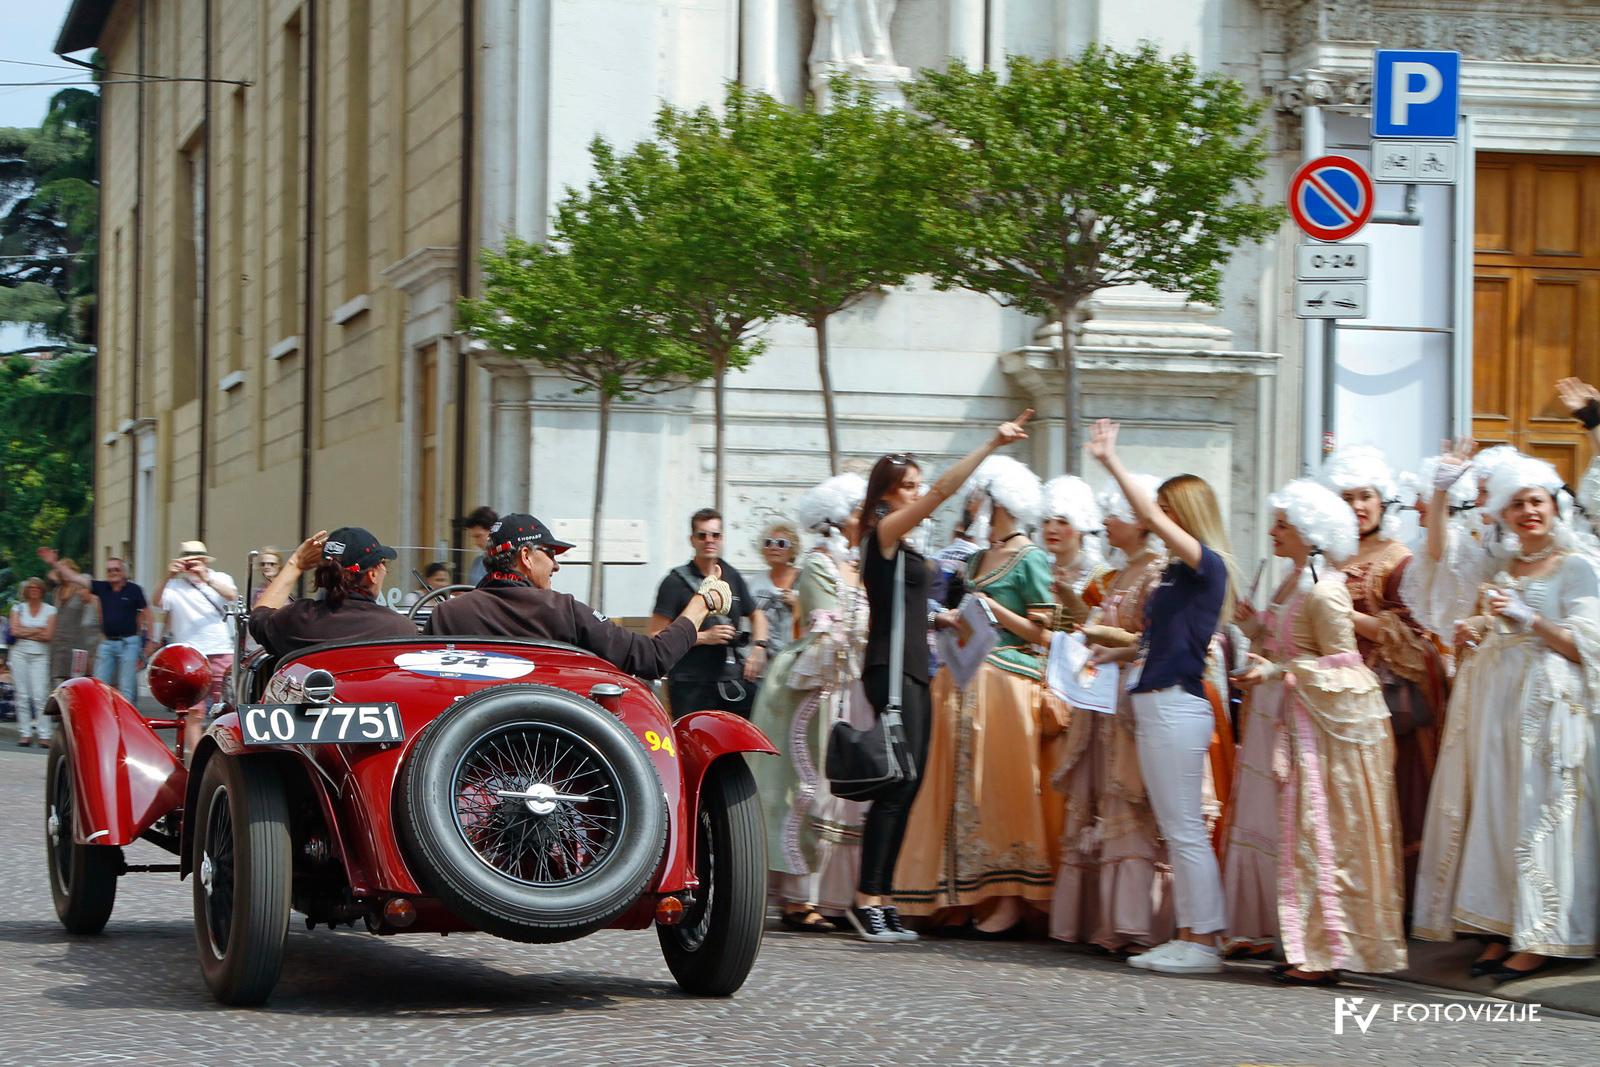 V Brescii so poskrbeli tudi za starinsko vzdušje in udeleženci so bili navdušeni.